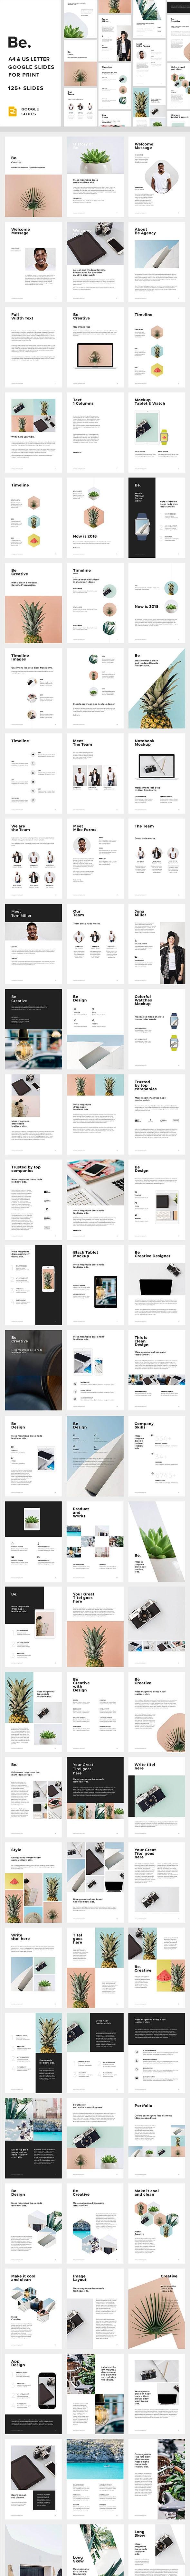 A4 + US Letter Google Slides Presentation for Print - Google Slides Presentation Templates